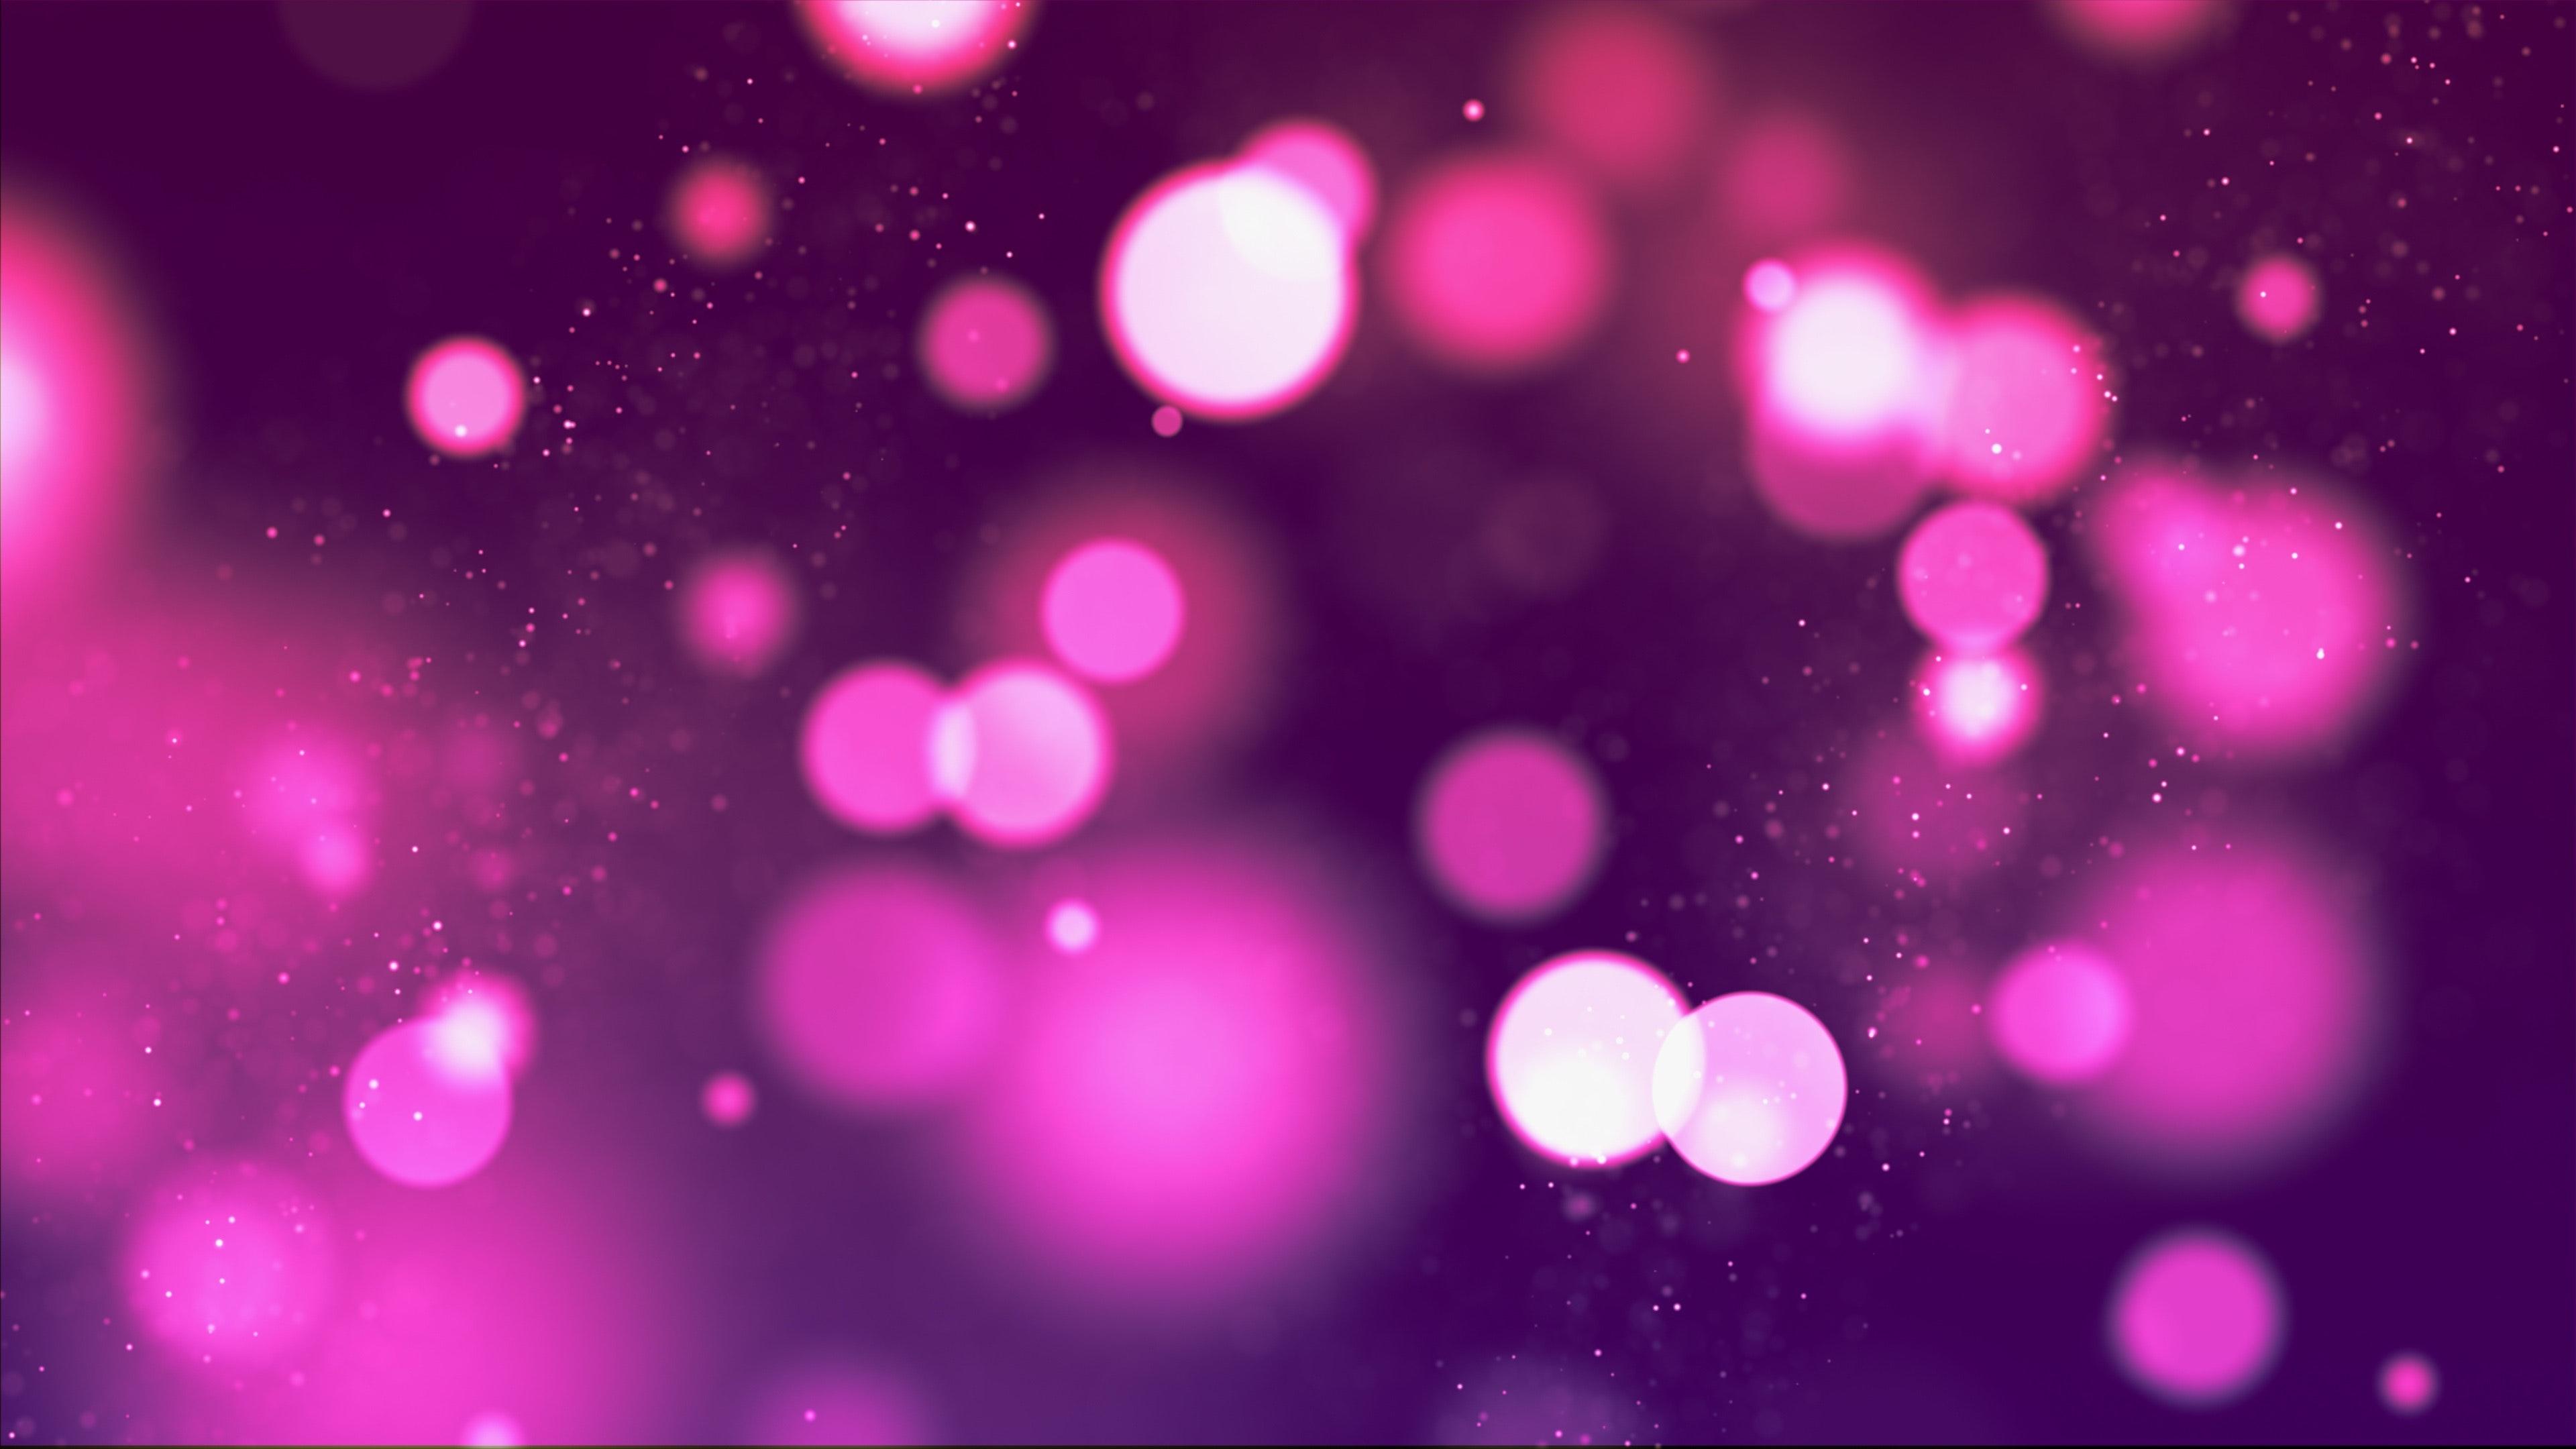 art-background-blur-220072